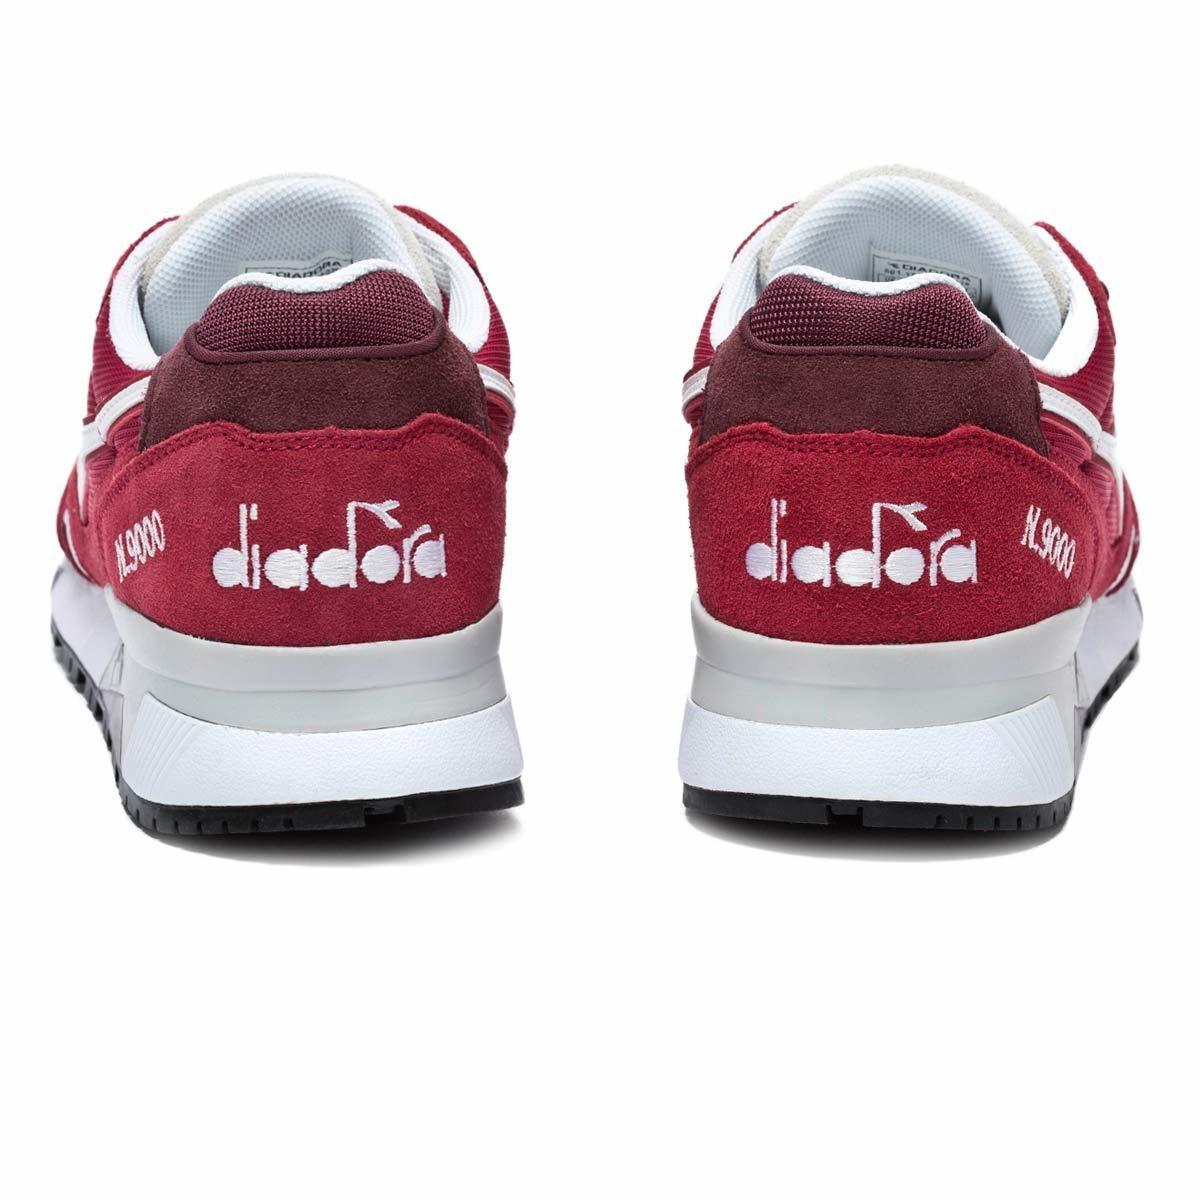 Кроссовки Diadora N9000 III Violet Red Bud 100% Original